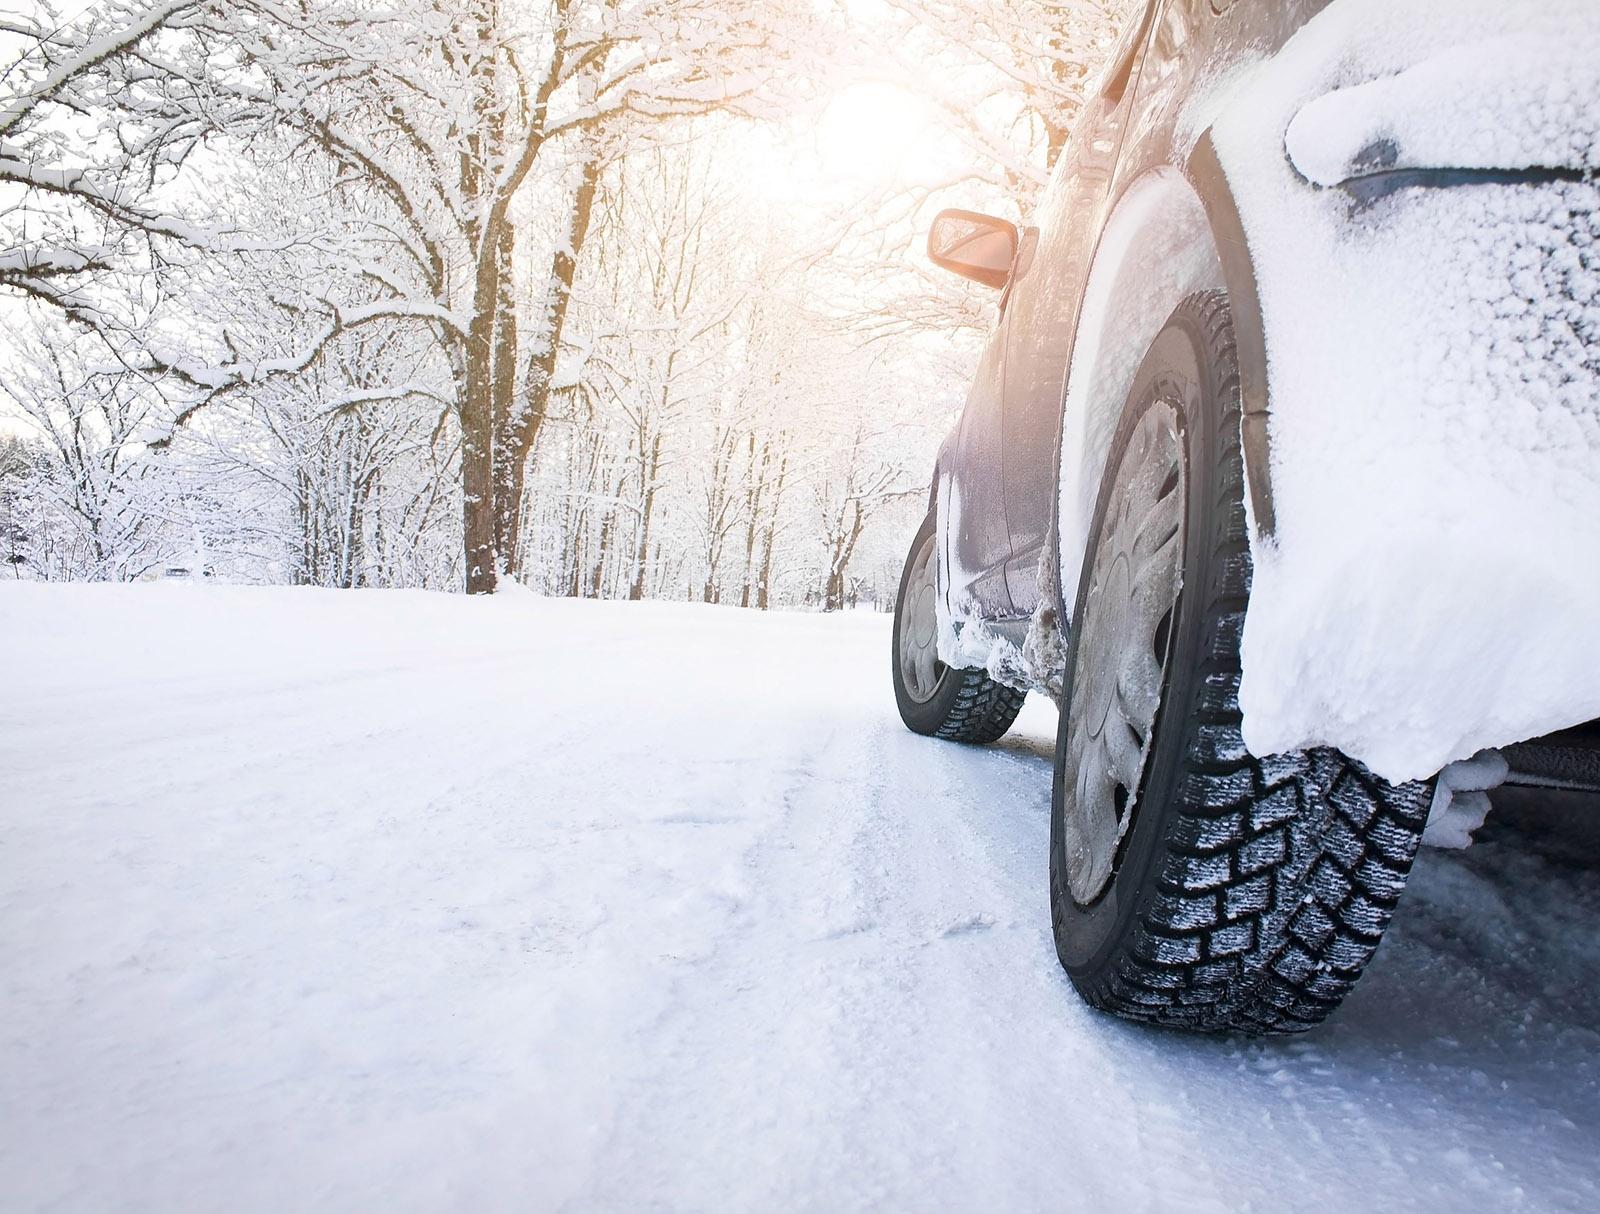 chauffer la voiture neige